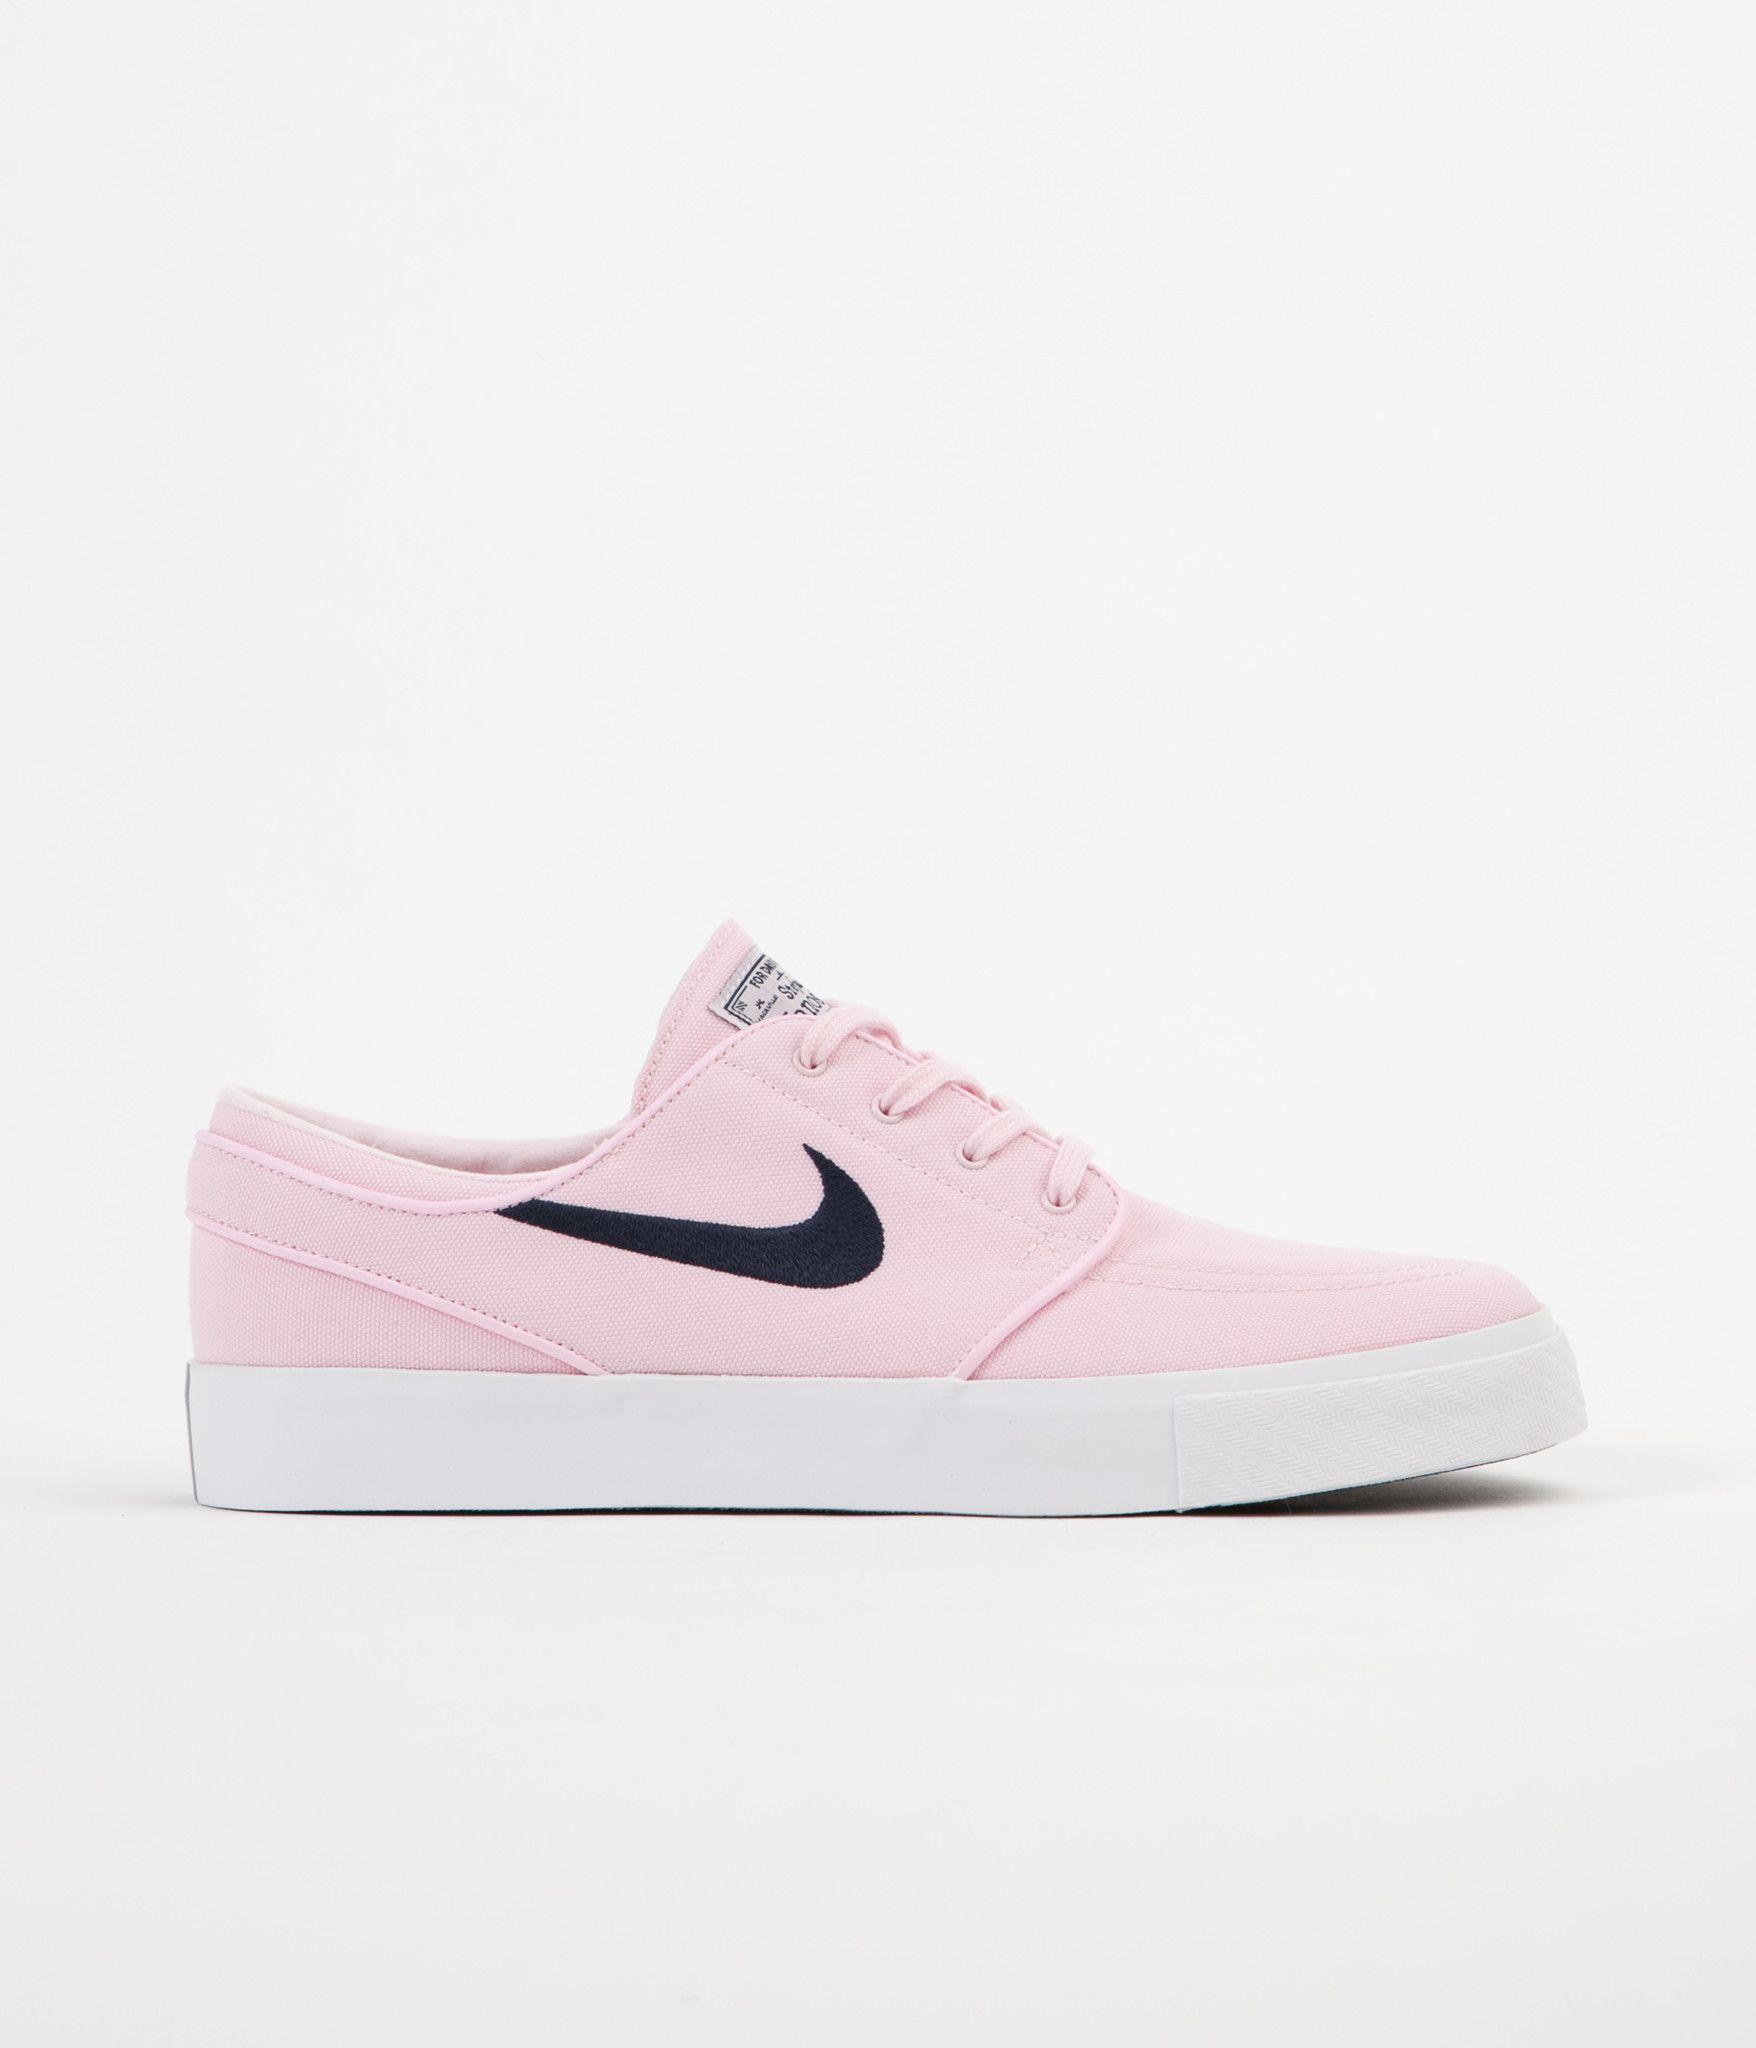 03e5085fd074 Nike SB Stefan Janoski Canvas Shoes - Prism Pink   Obsidian